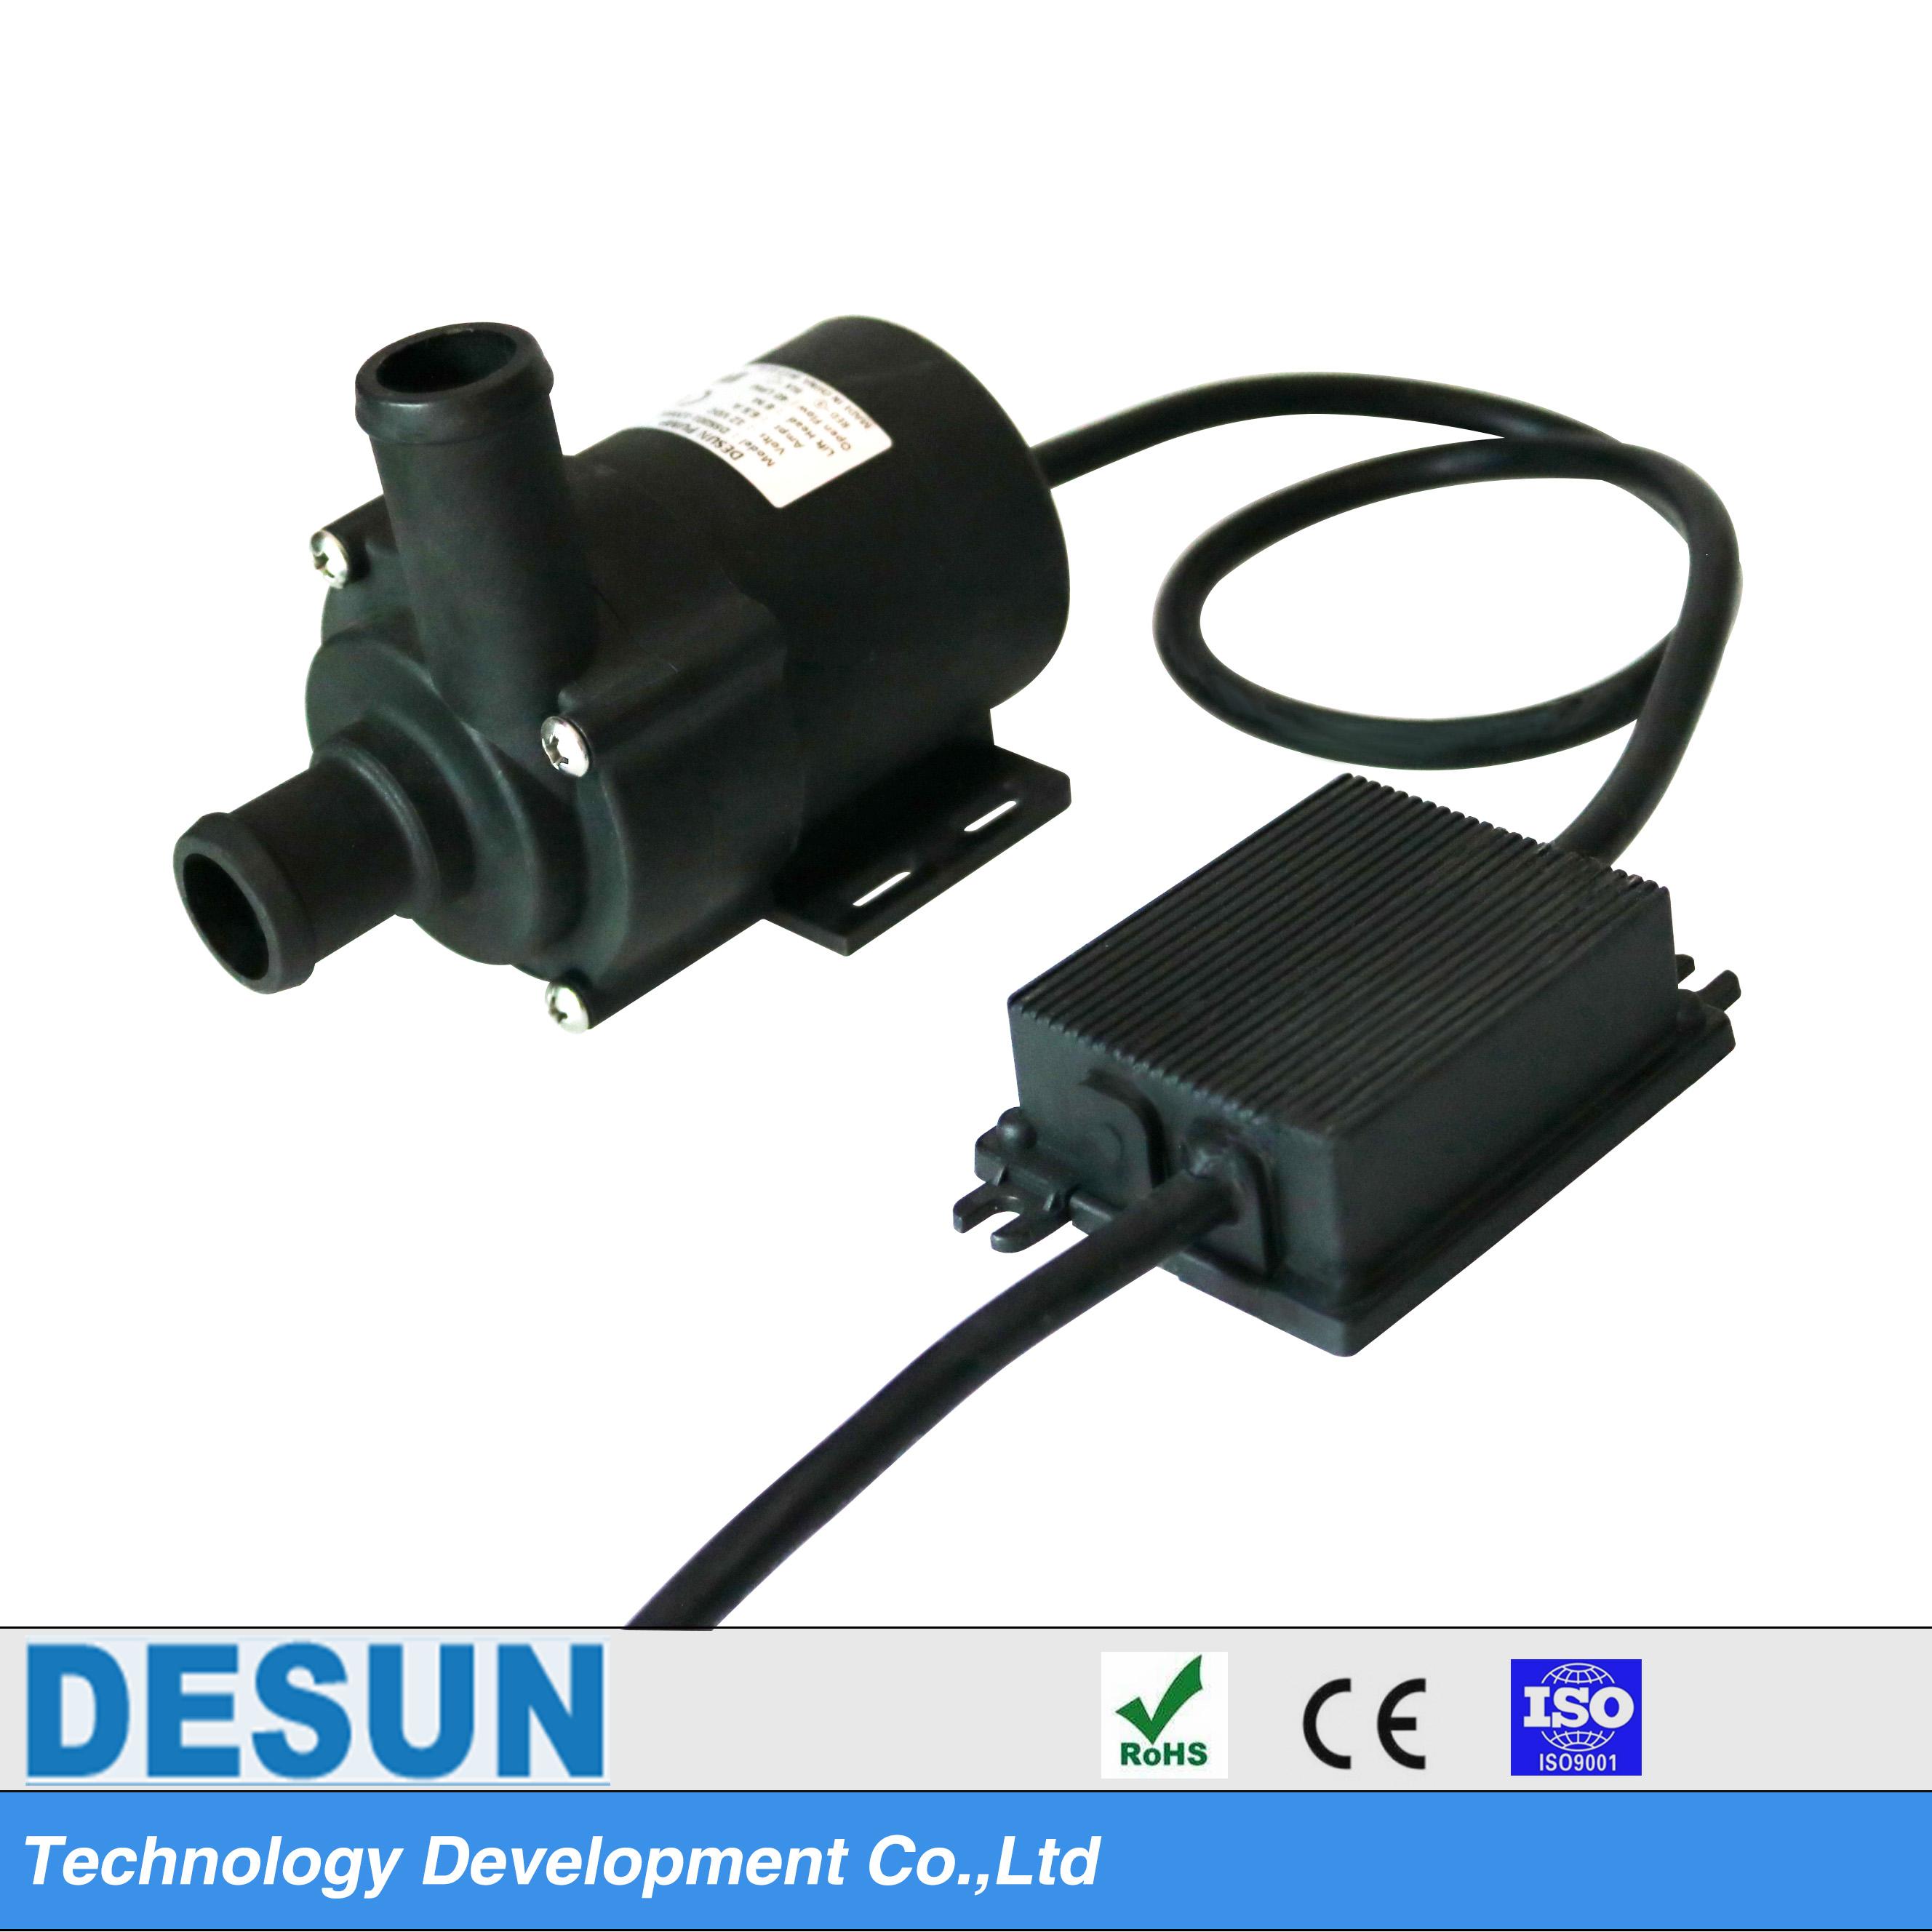 微型直流无刷潜水泵DS5001